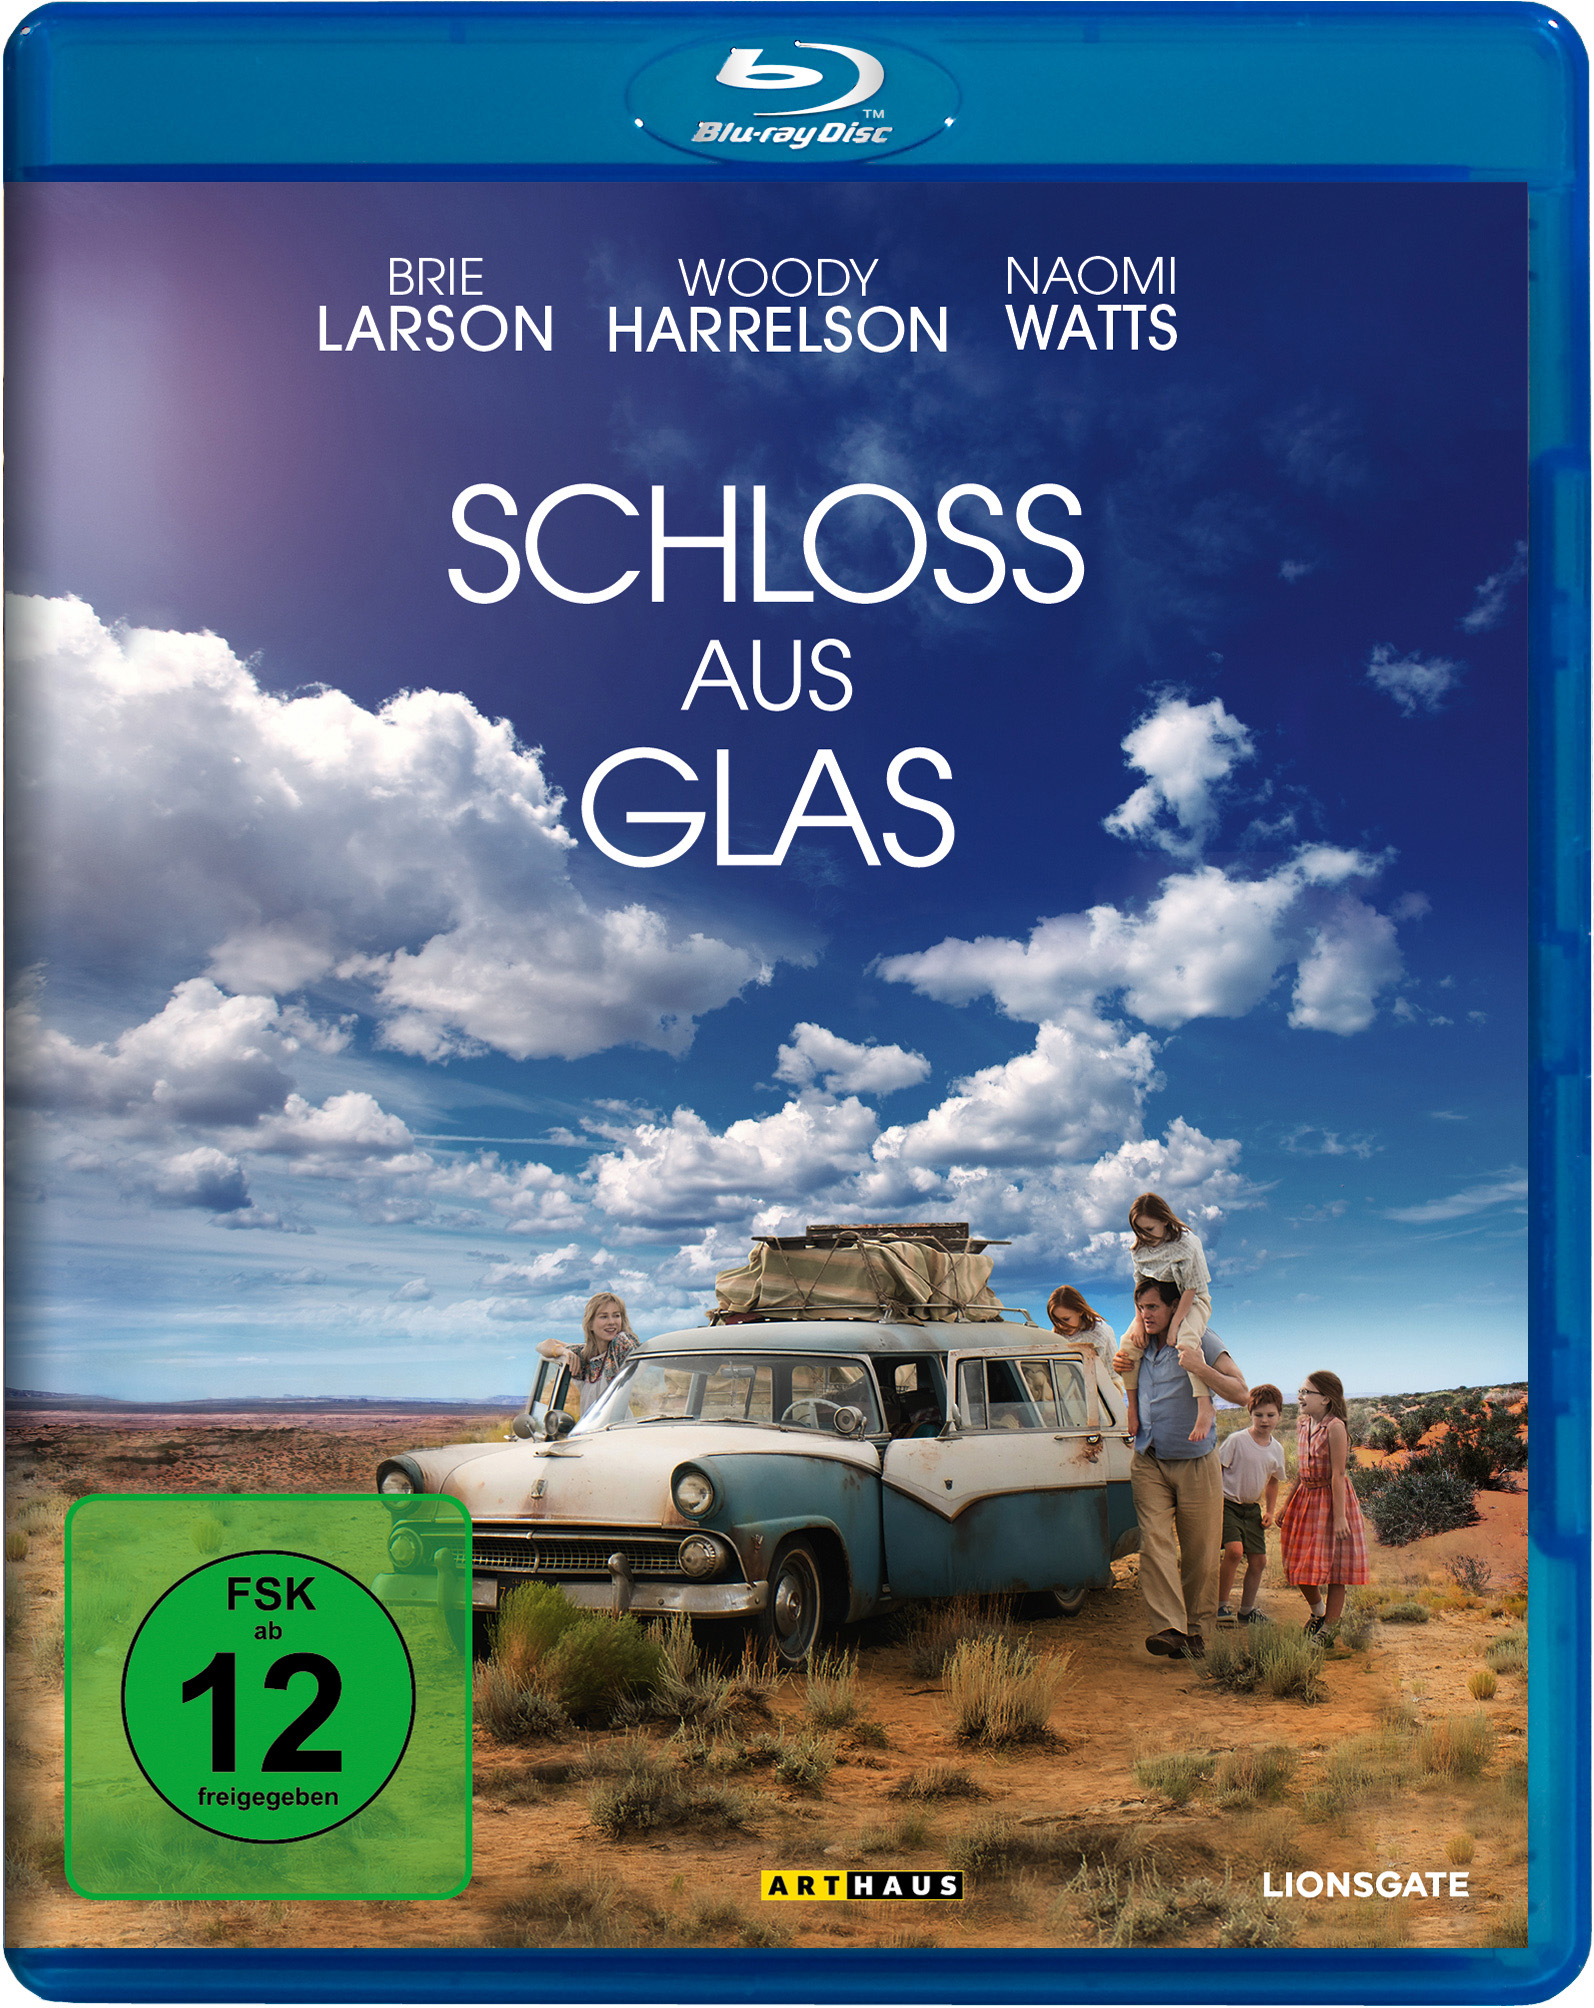 Blu Ray Kritik Schloss Aus Glas Full Hd Review Rezension